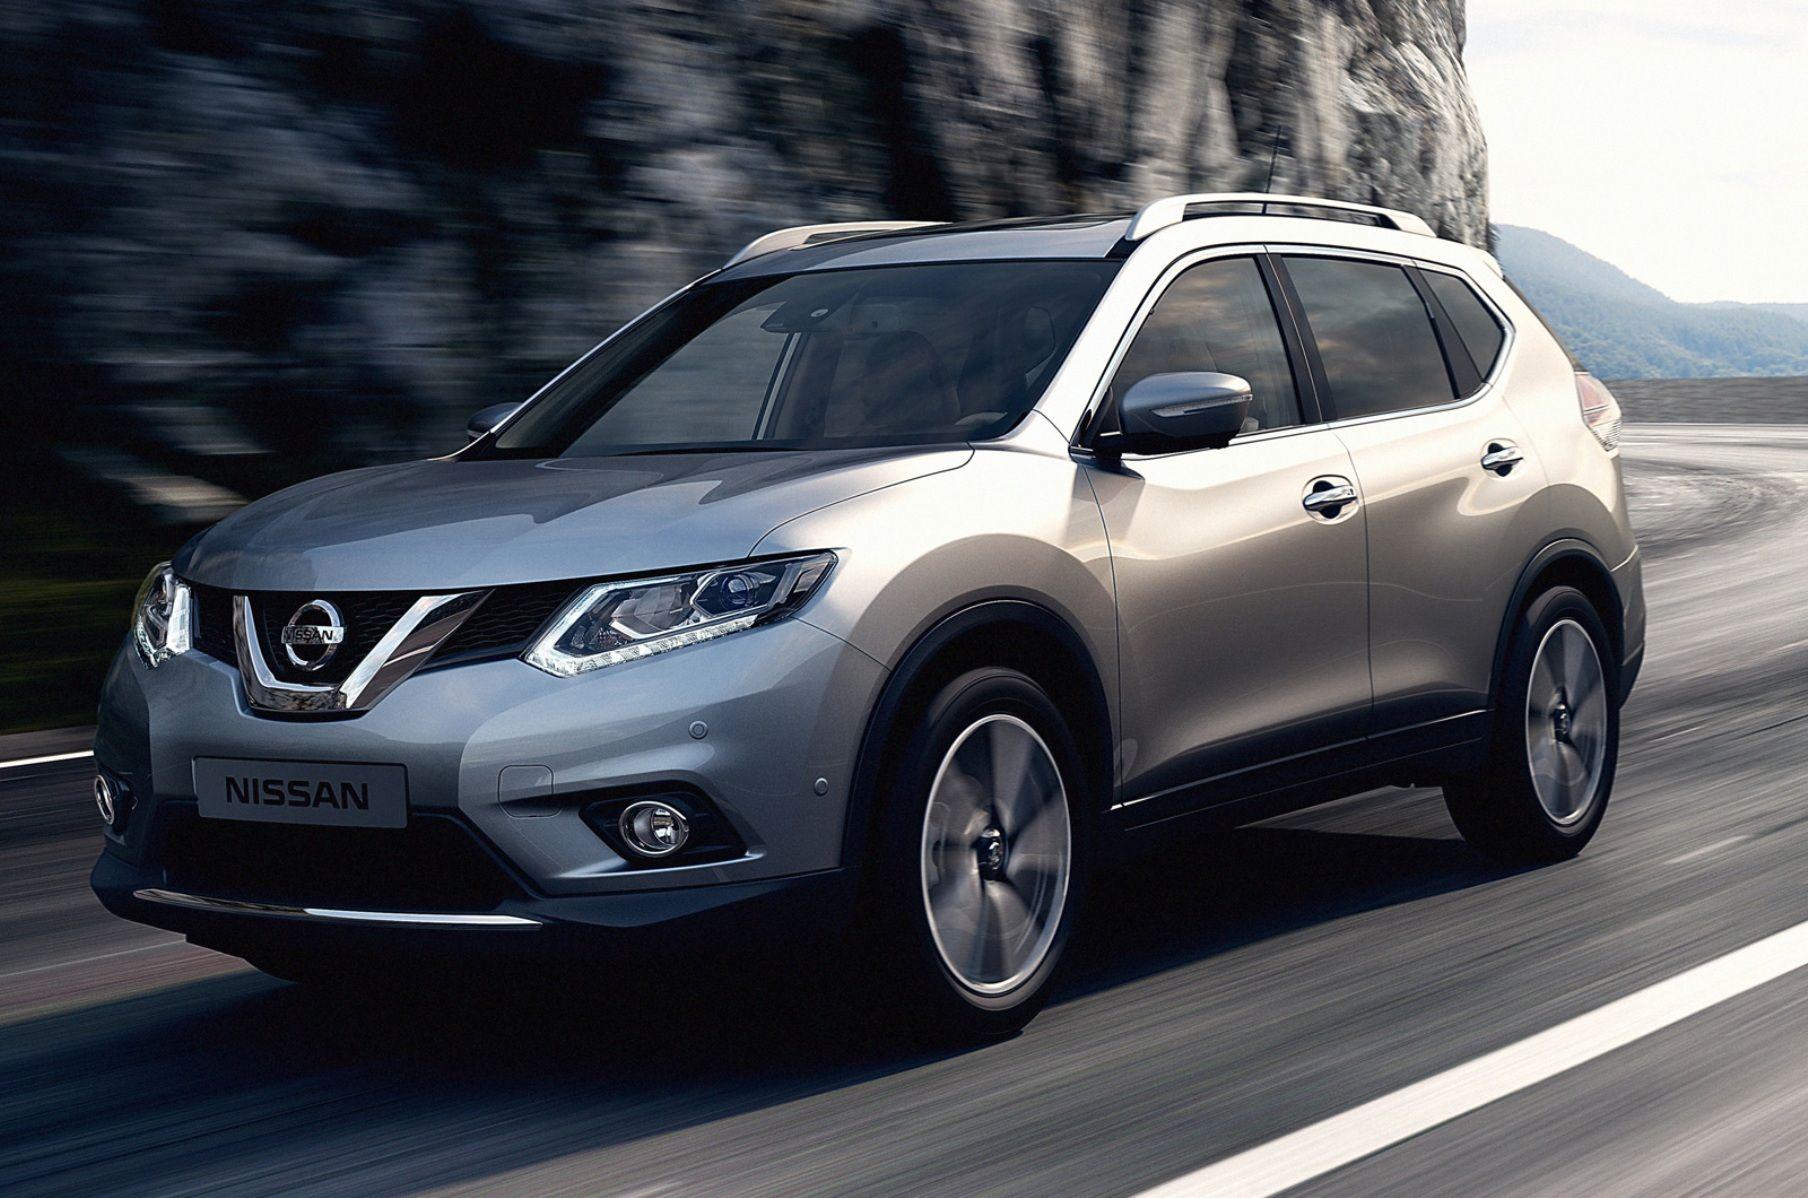 2016 Nissan XTrail Dimensions Suv, Nissan, Nissan xtrail